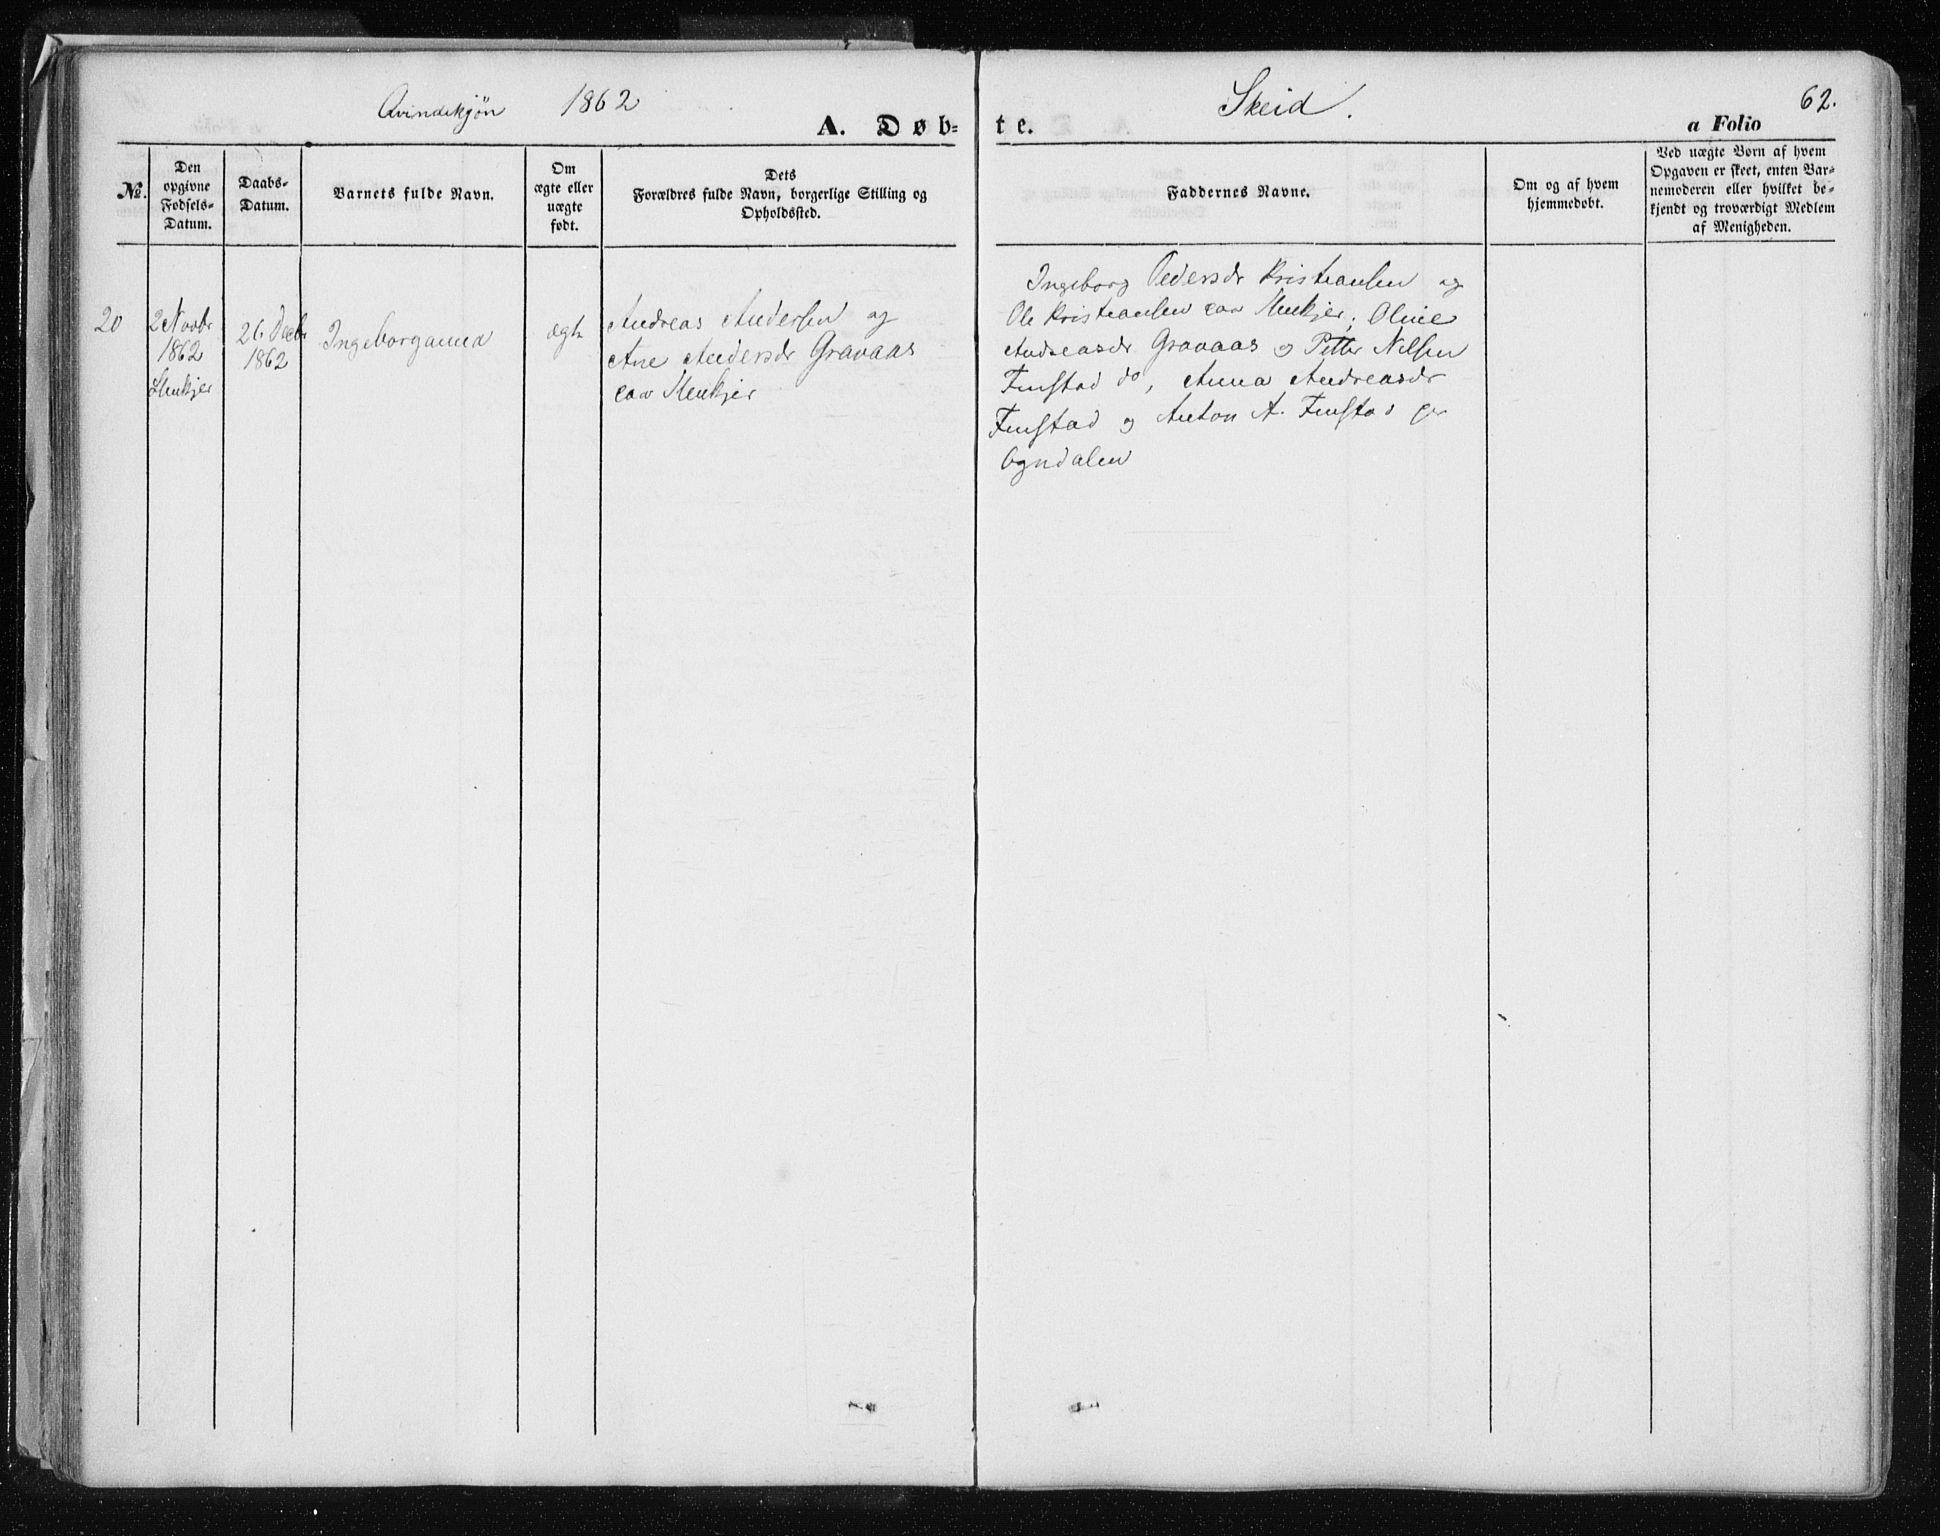 SAT, Ministerialprotokoller, klokkerbøker og fødselsregistre - Nord-Trøndelag, 735/L0342: Ministerialbok nr. 735A07 /2, 1849-1862, s. 62